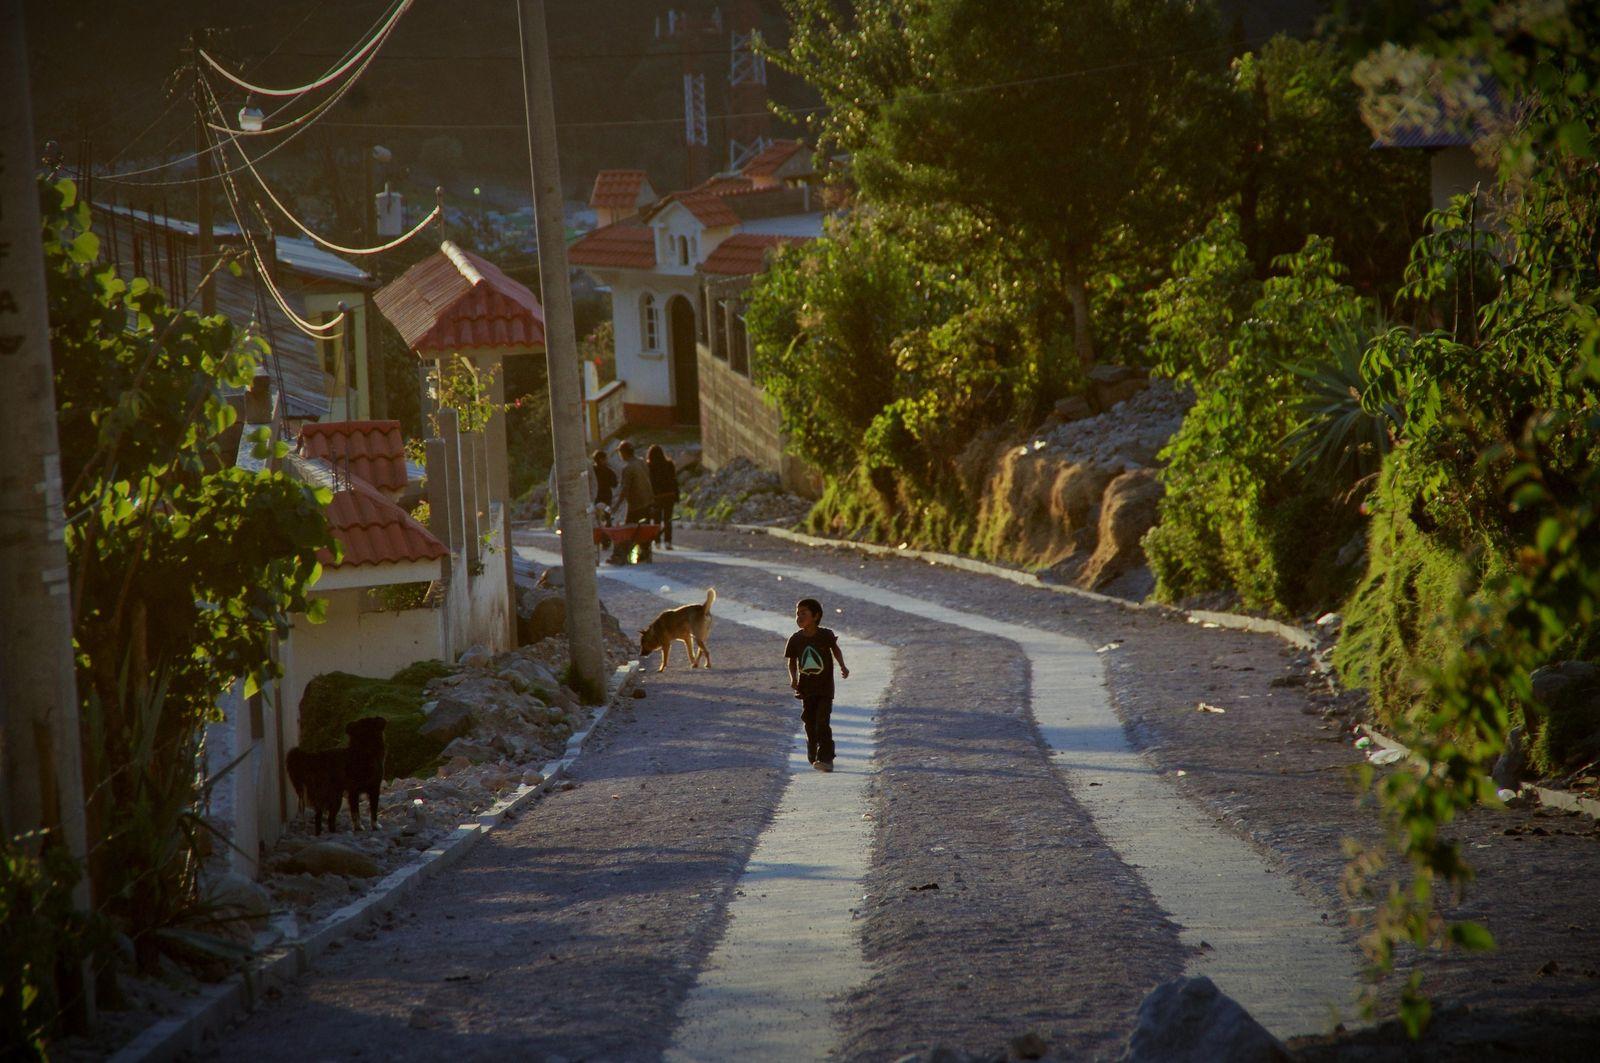 Foto: Puesta del sol sobre la calle principal de la comunidad Tojchina, en San Antonio Sacatepéquez. (D. Grasso)